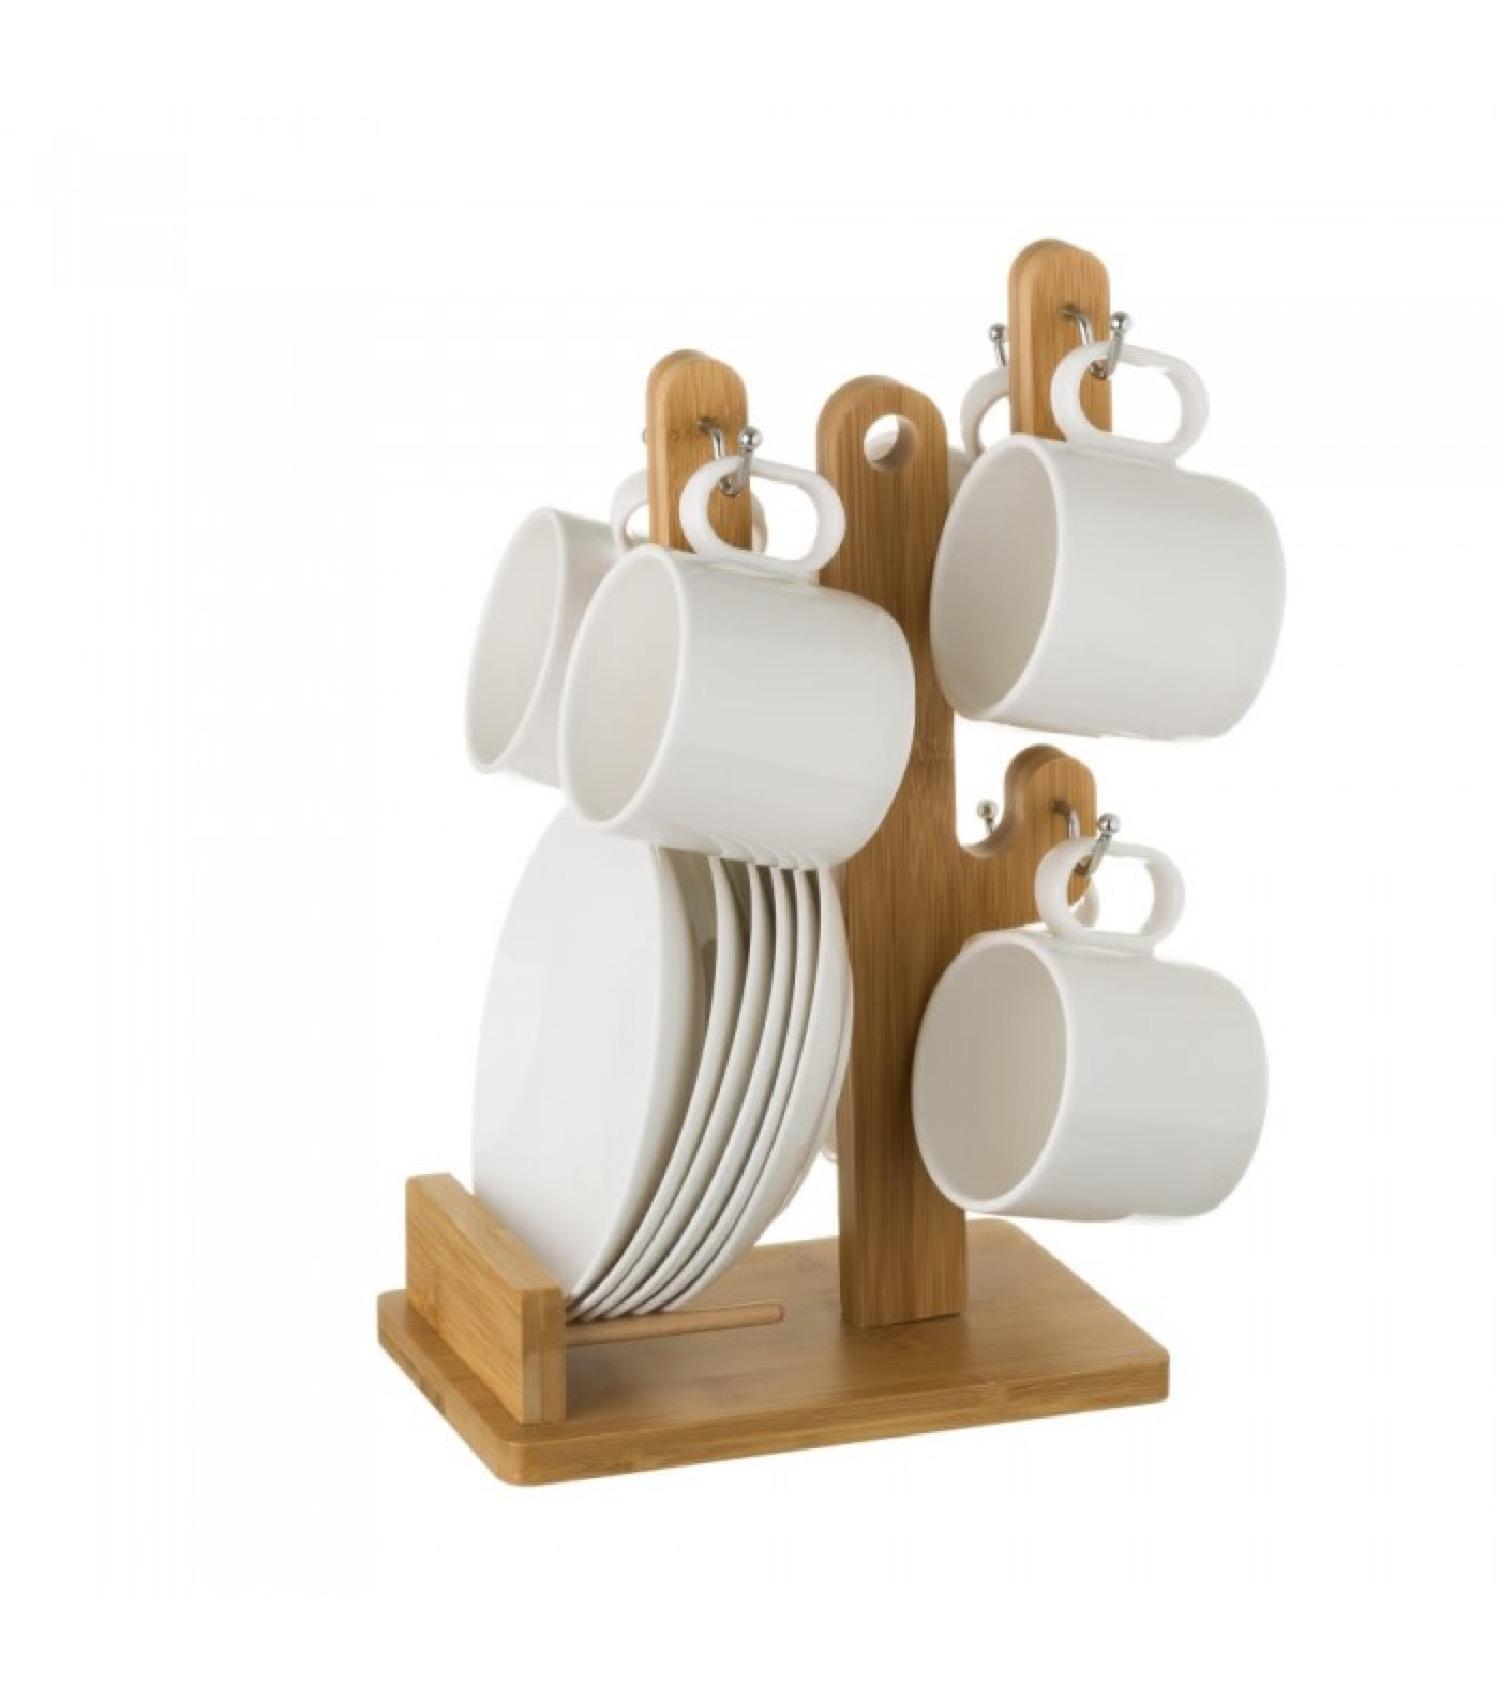 Tasses avec dessous de tasses en porcelaine blanche - Lot de 6